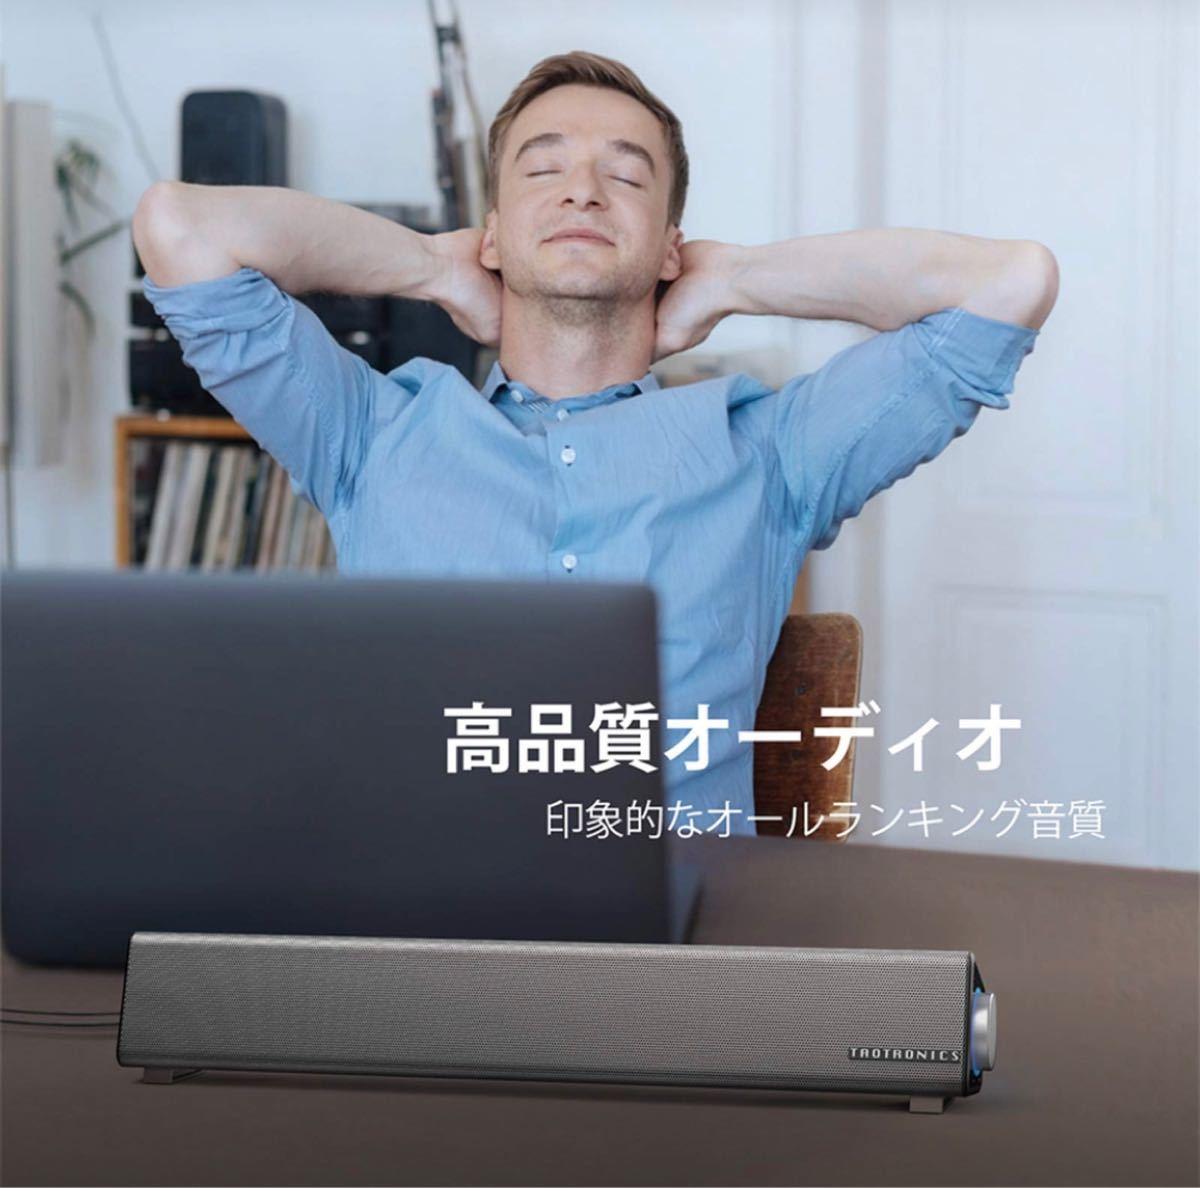 PC スピーカー ステレオ USB サウンドバー 小型 大音量